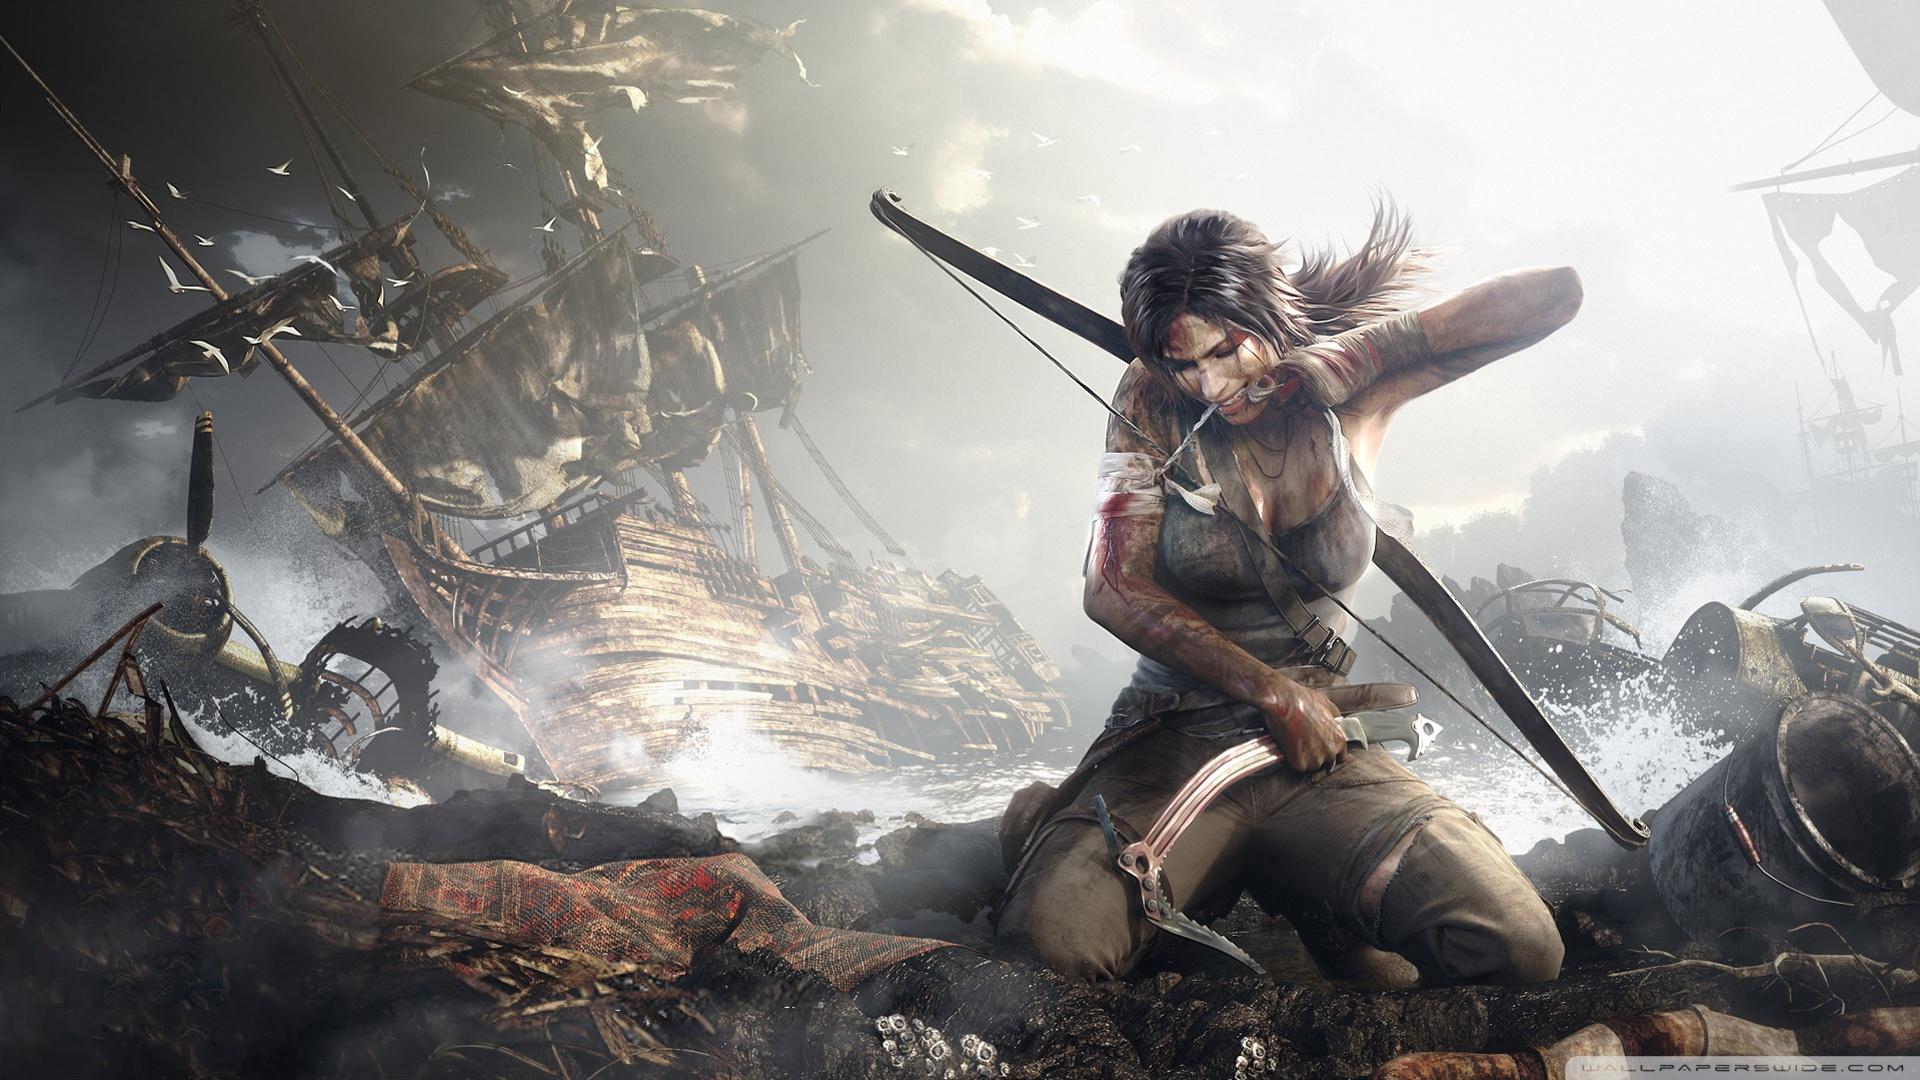 New Tomb Raider Wallpaper 1920x1080 New Tomb Raider 1920x1080